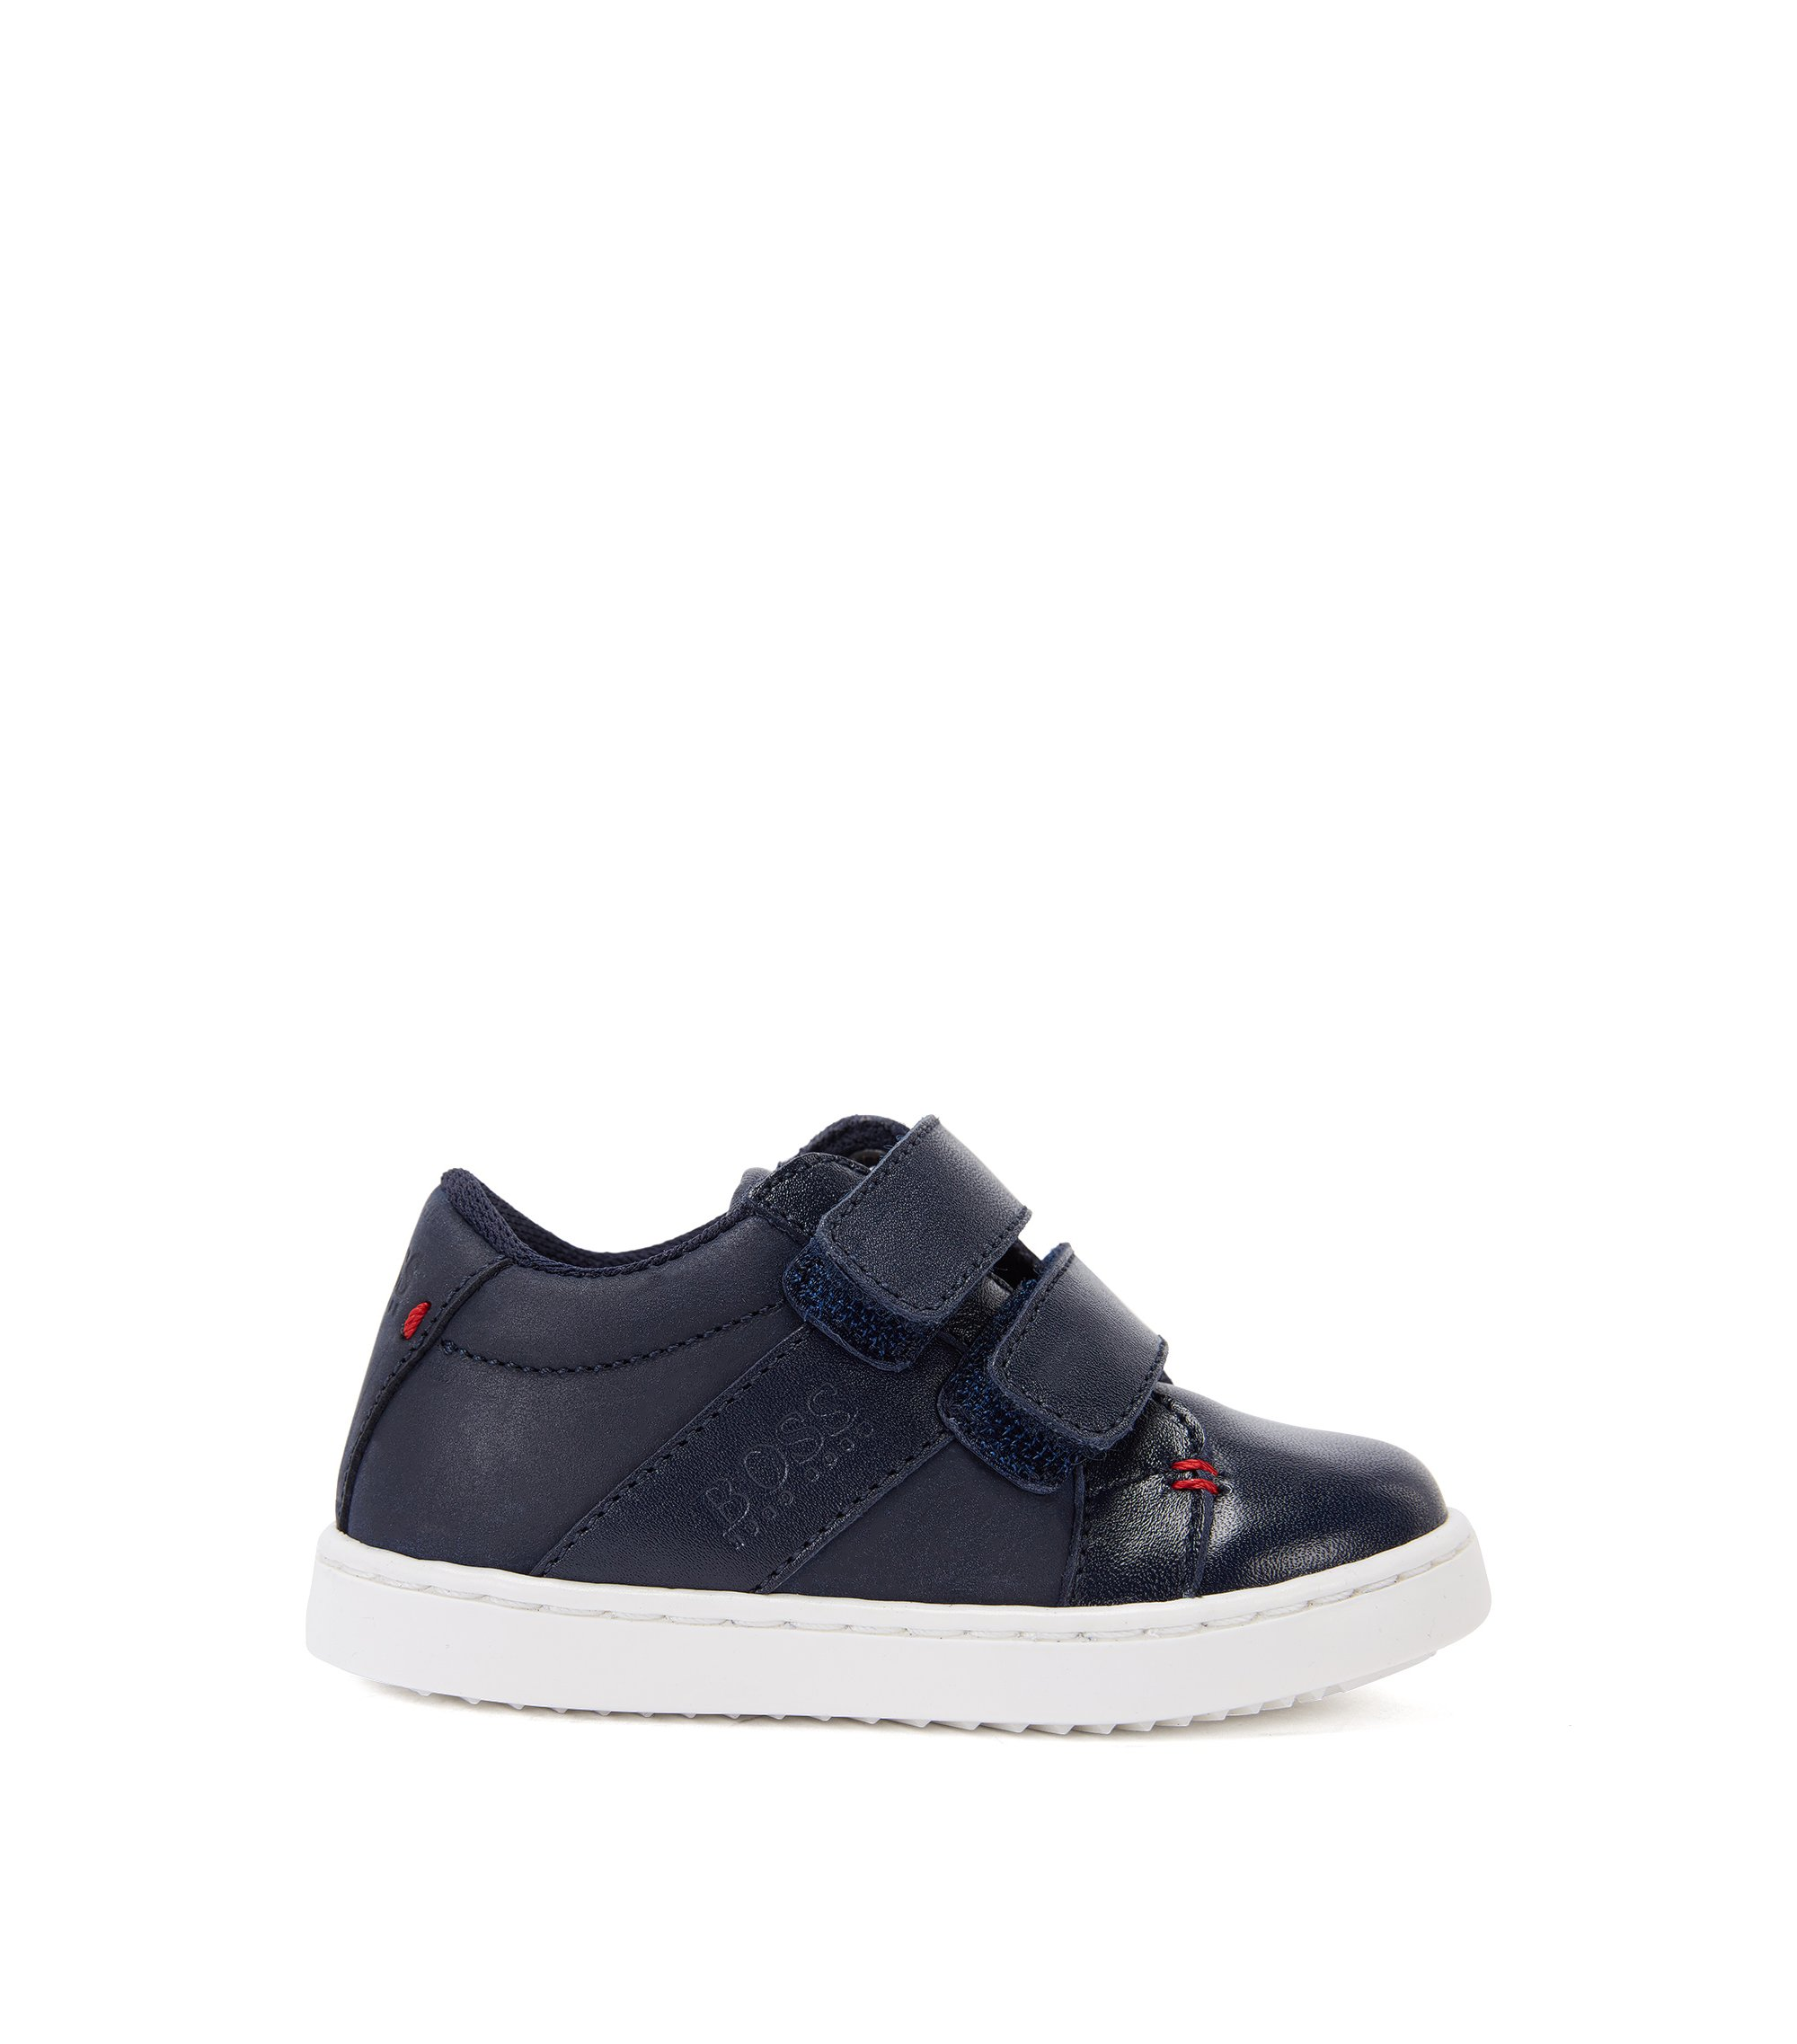 Kids-Sneakers aus Leder mit Klettverschluss: 'J09085', Dunkelblau